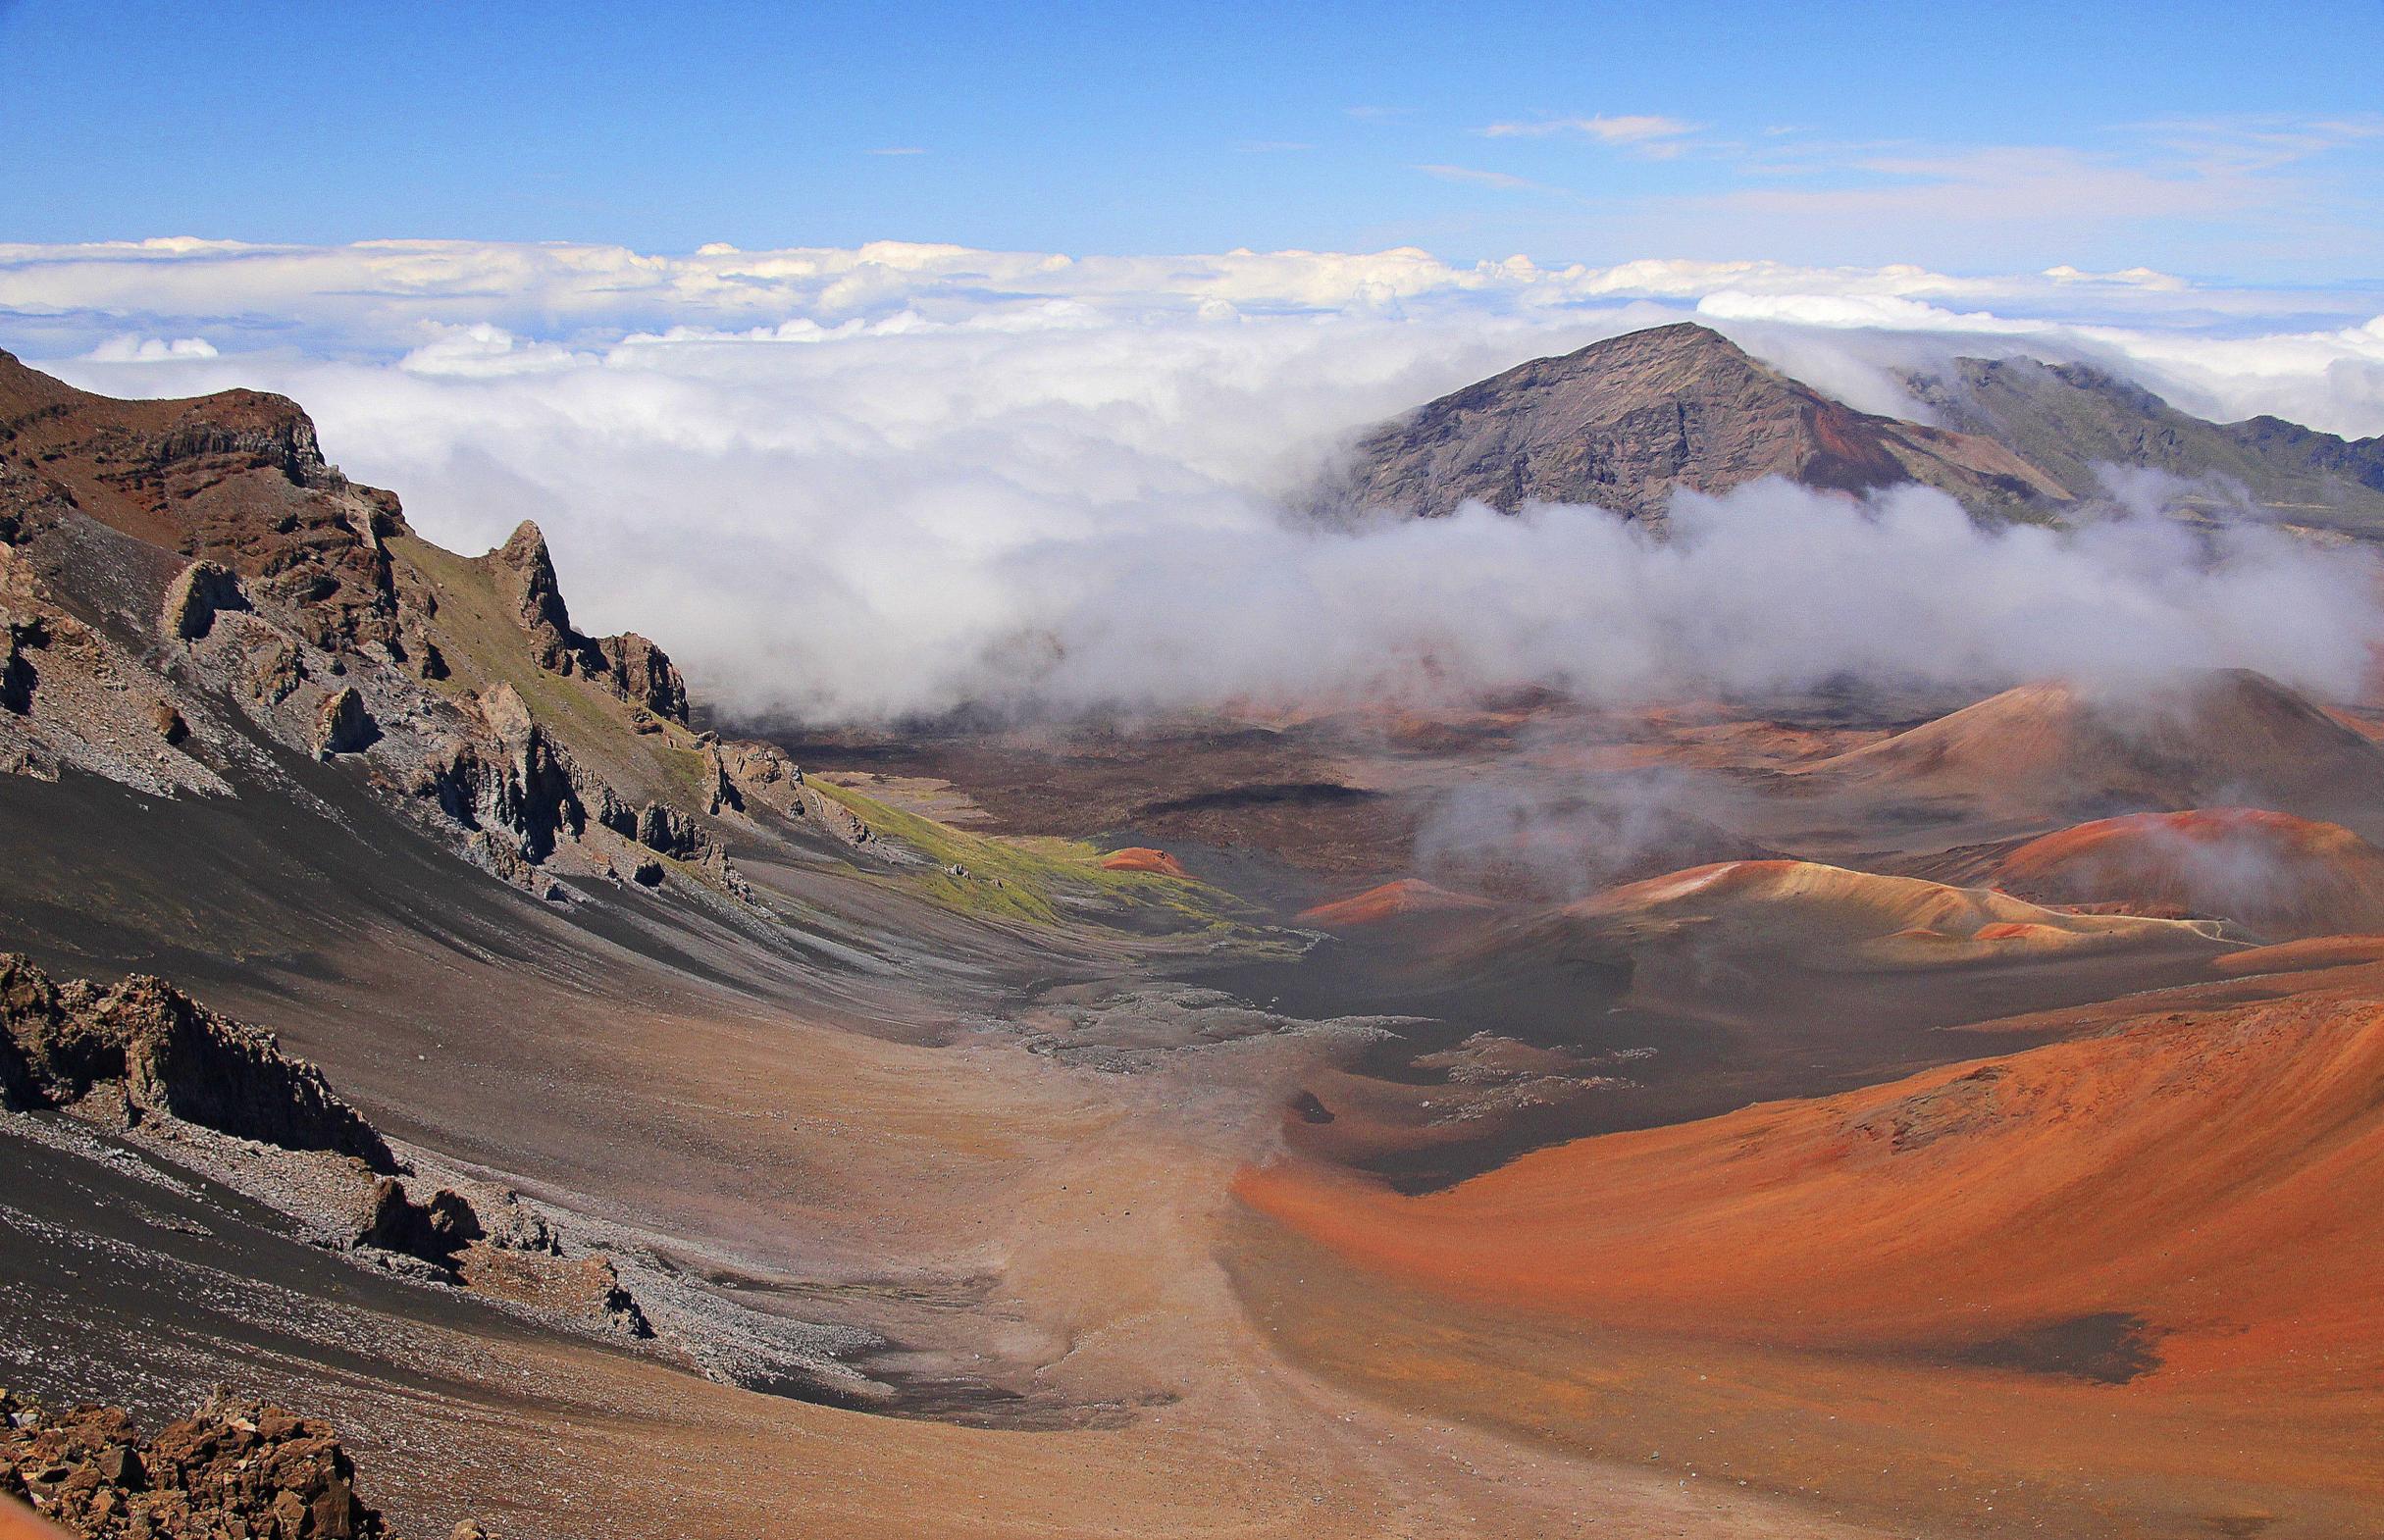 Additional Funding Proposed for Haleakalā and Puʻuhonua o Hōnaunau National Parks